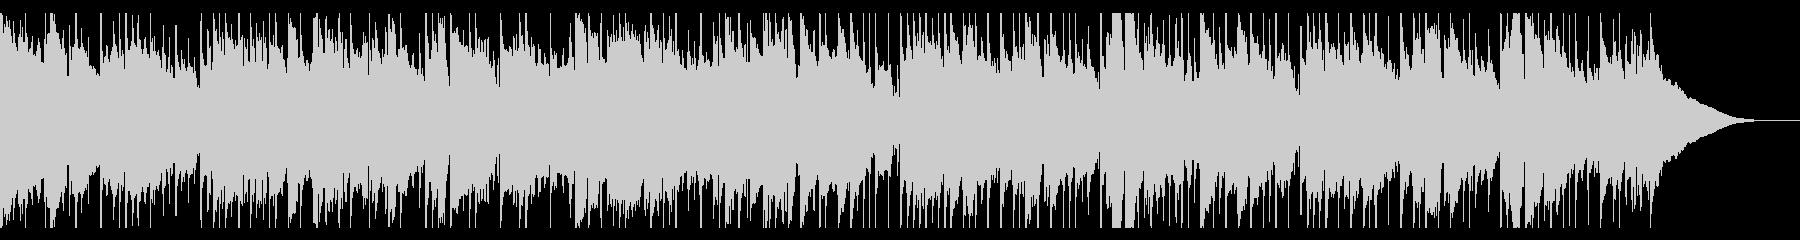 生音・アコースティックギターのバラードの未再生の波形